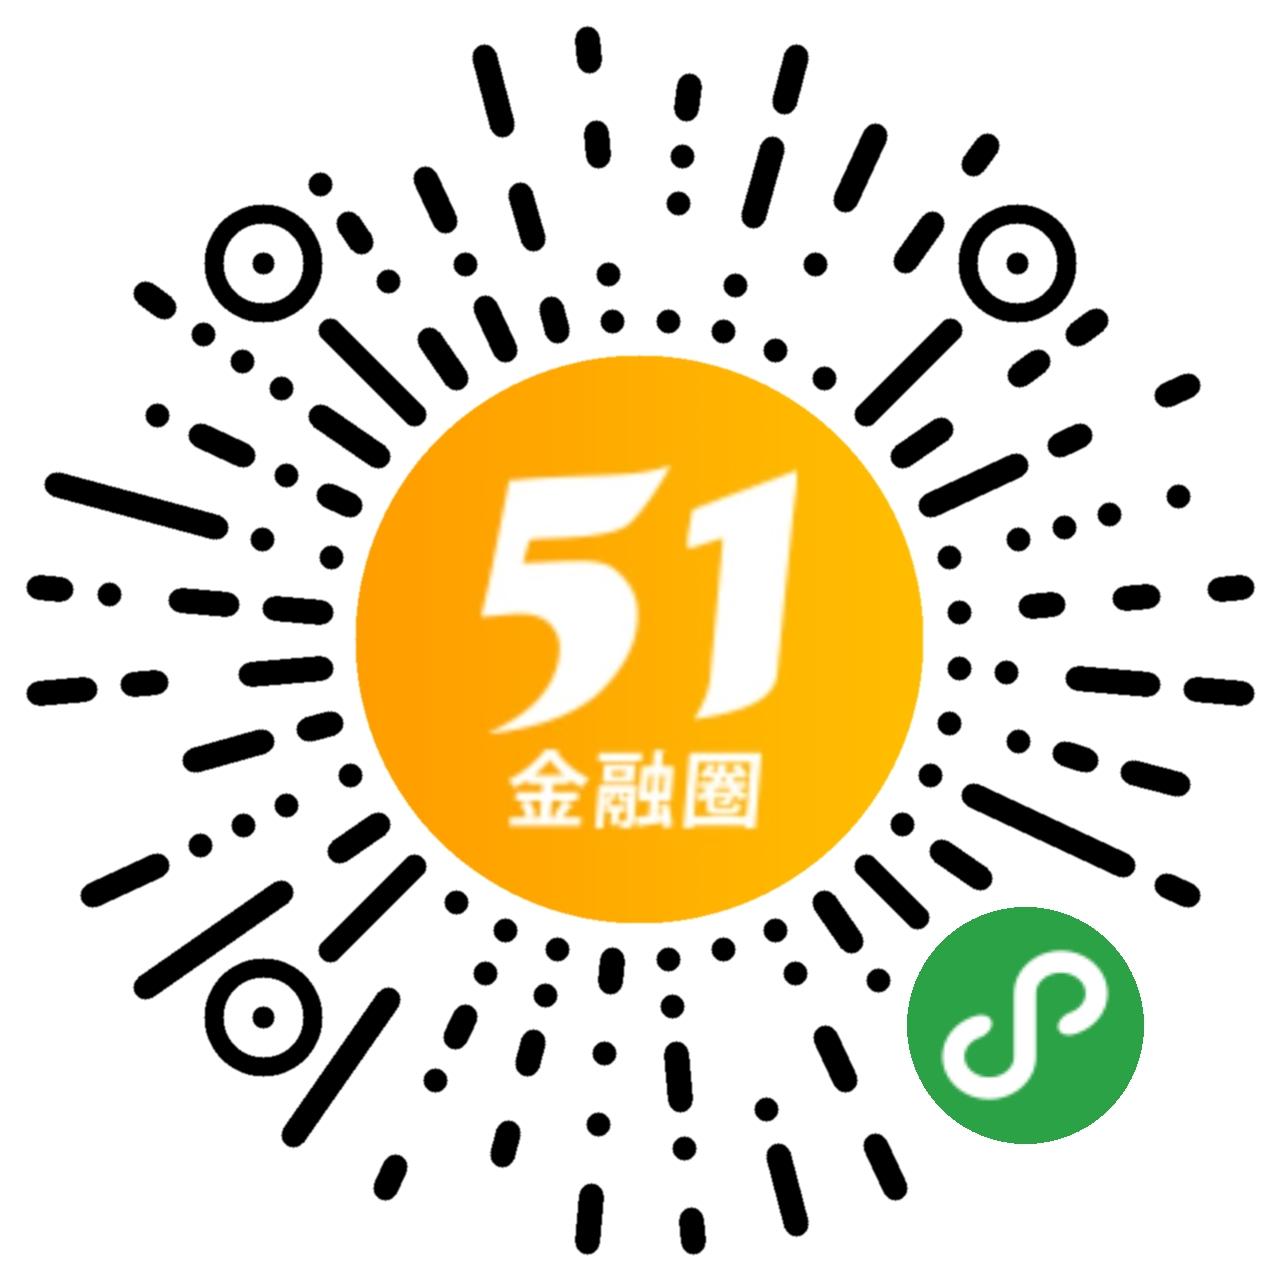 51金融圈微信小程序